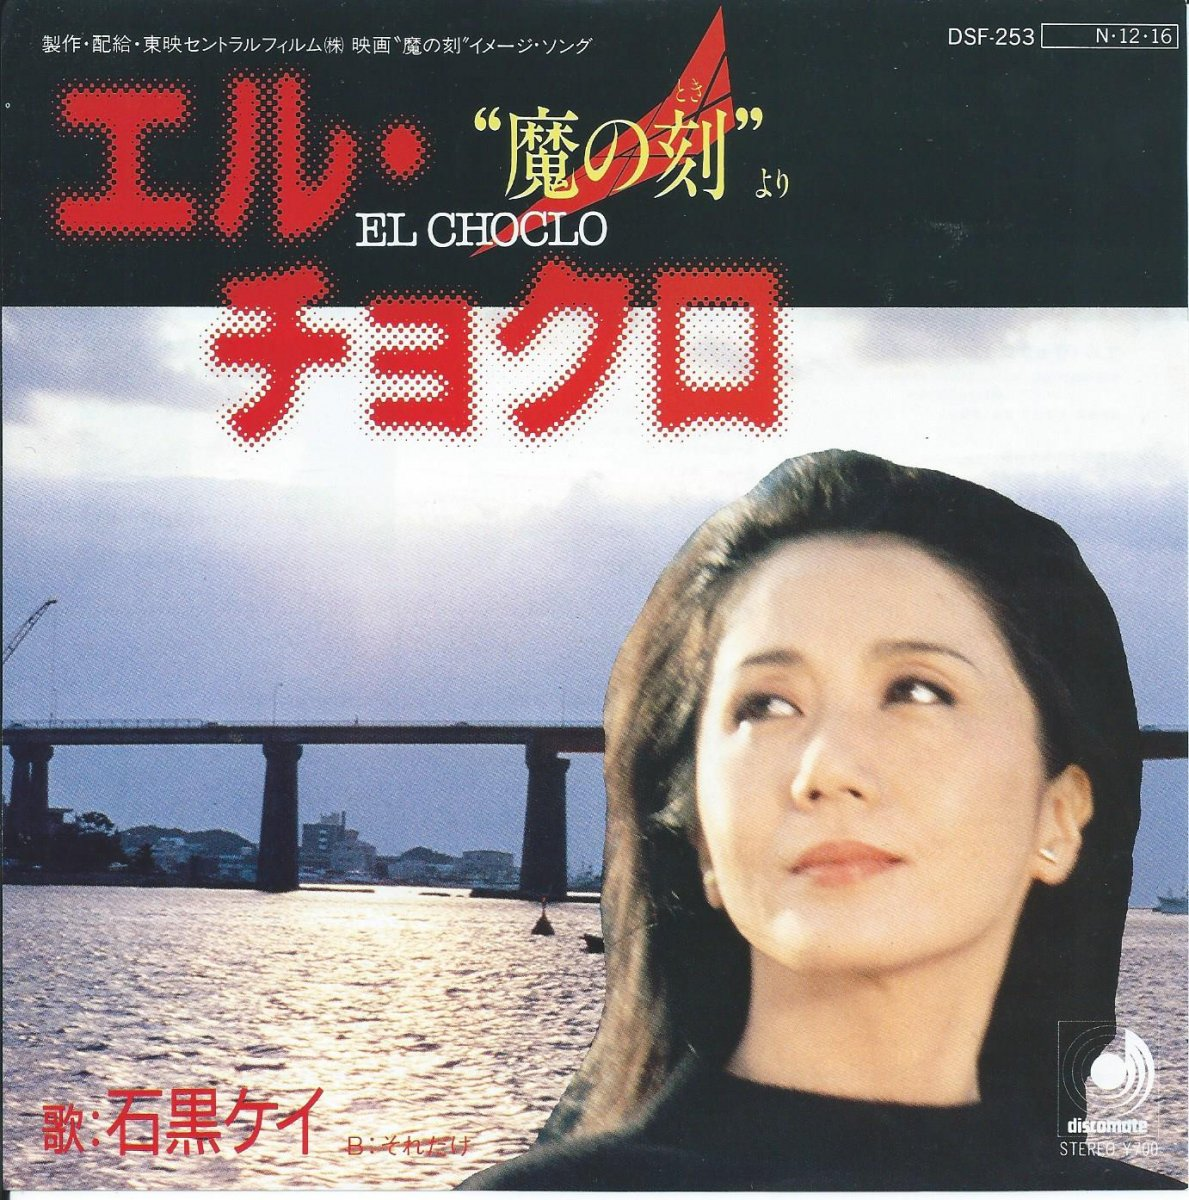 石黒ケイ KEI ISHIGURO / エル・チョクロ EL CHOCLO / それだけ (大野克夫) (7